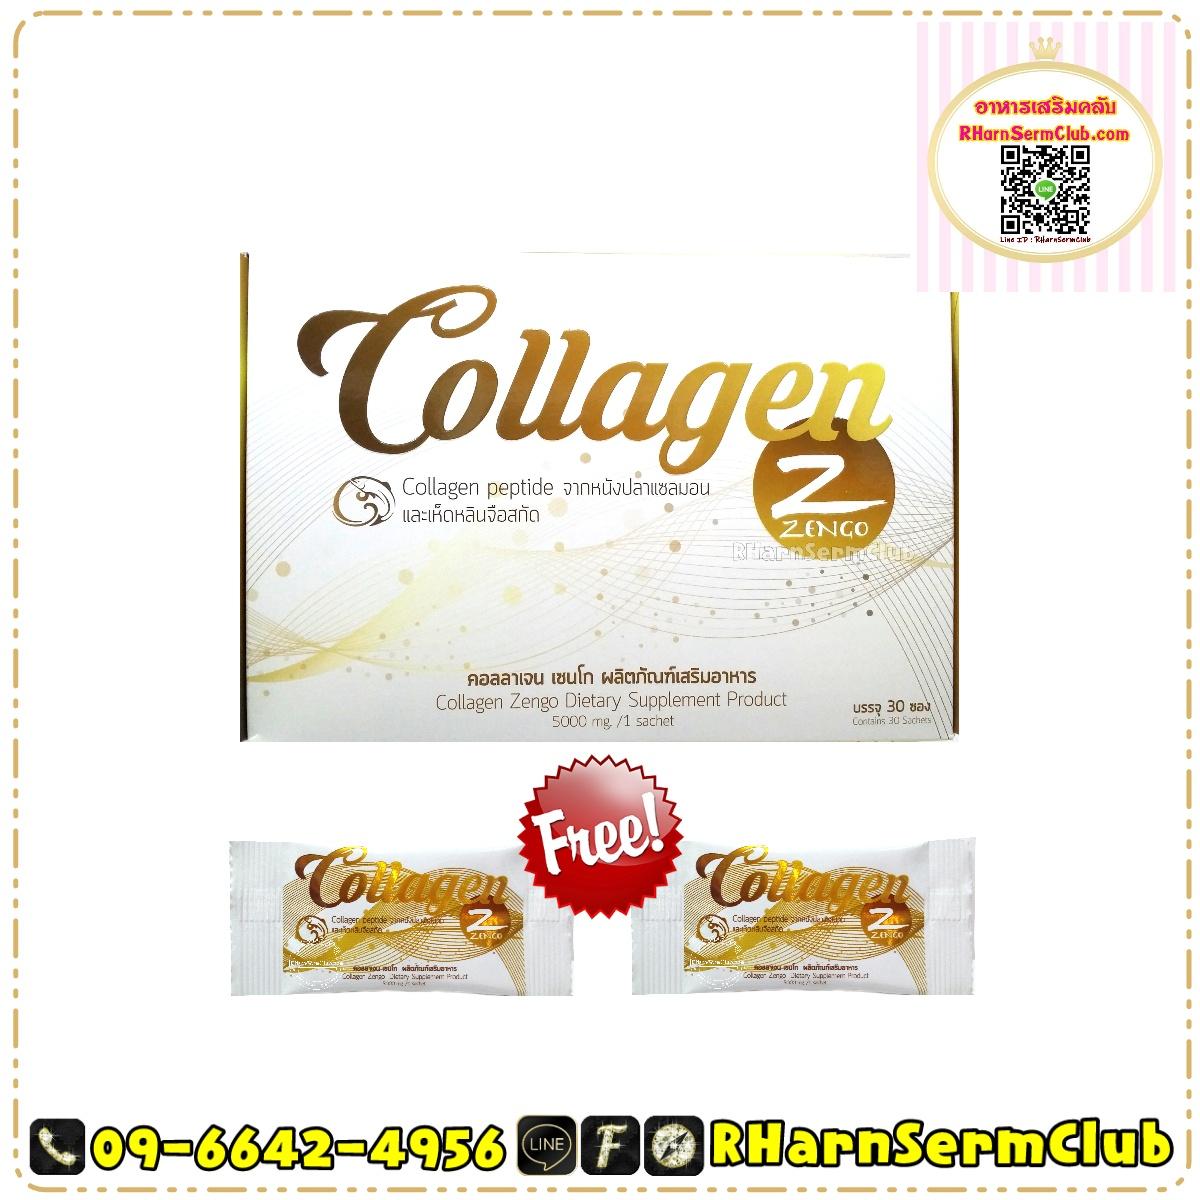 Collagen Zengo คอลลาเจน เซนโก 1 กล่อง แถมฟรี 2 ซอง